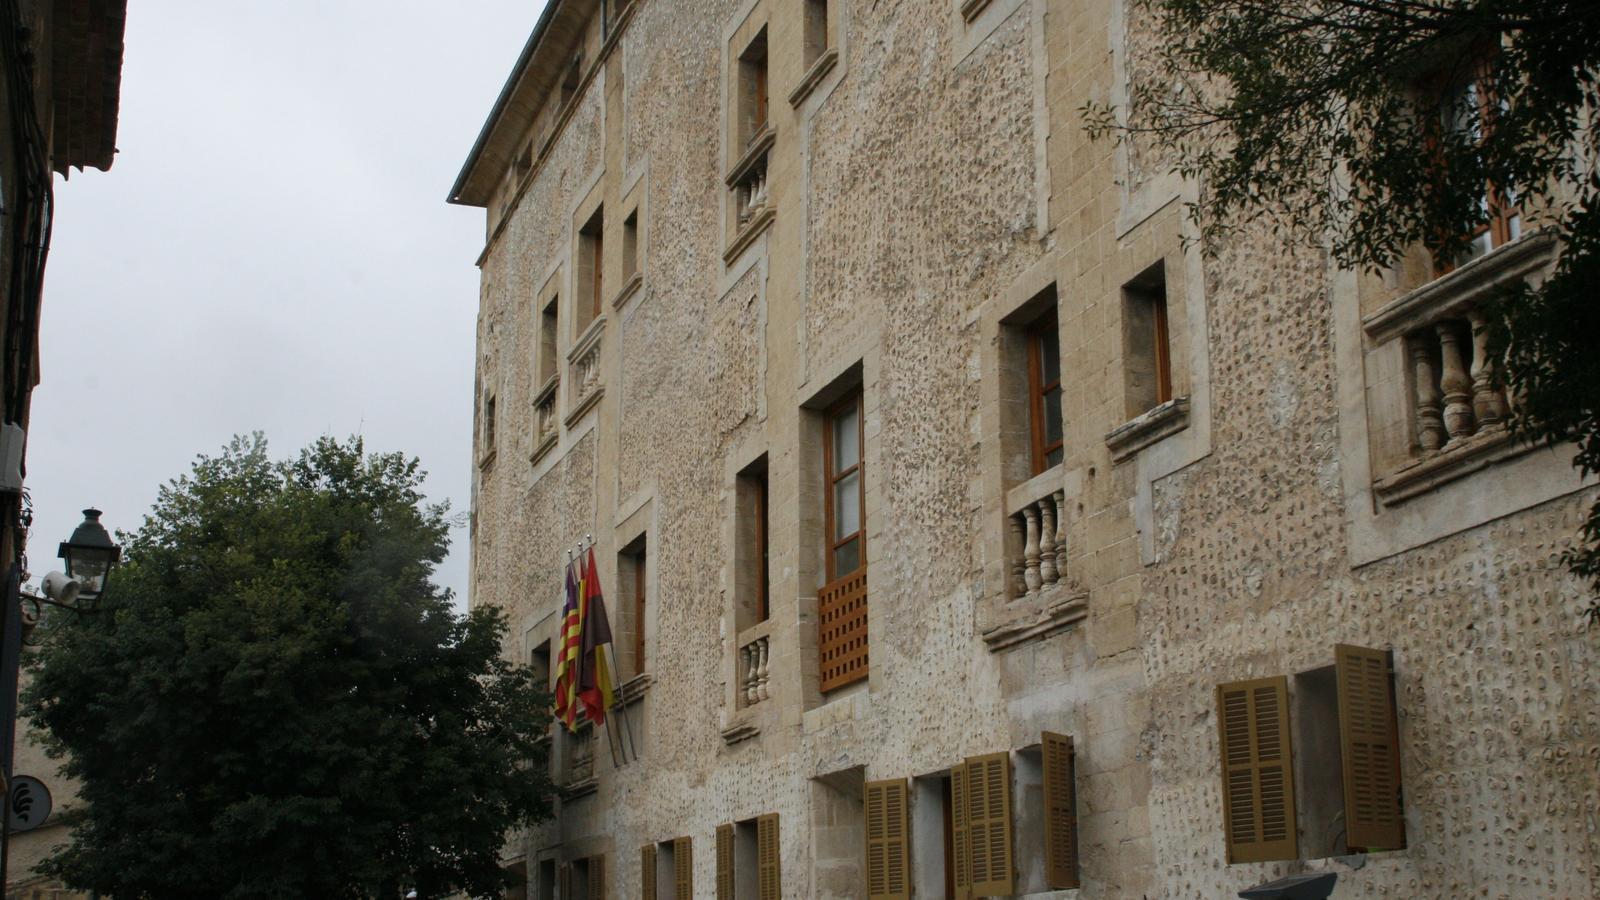 L'Ajuntament de Pollença ha registrat la primera dimissió d'un regidor.